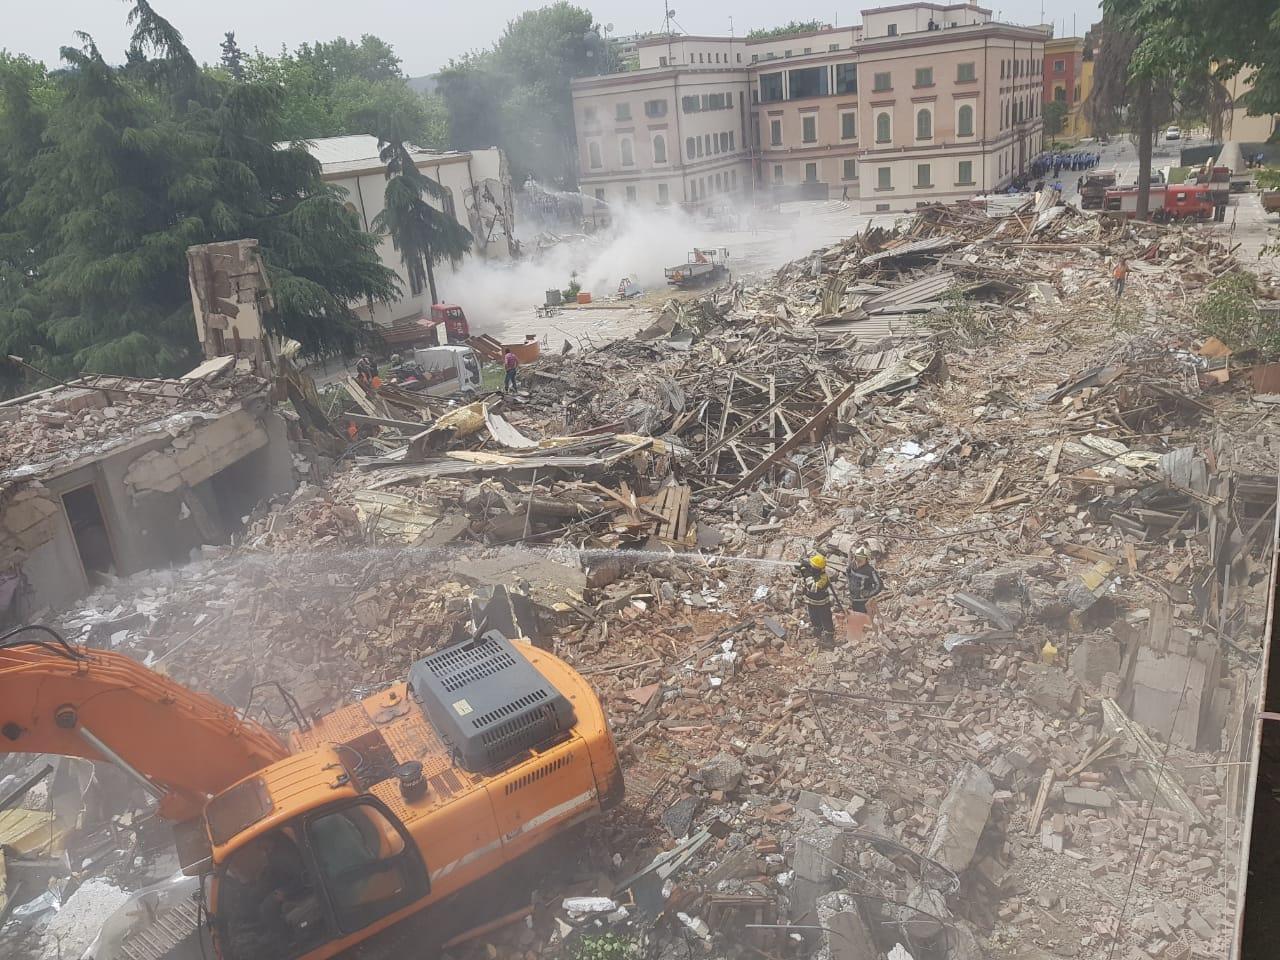 De stiekeme sloop van het Nationale Theater in Tirana tijdens Corona is nog maar het begin